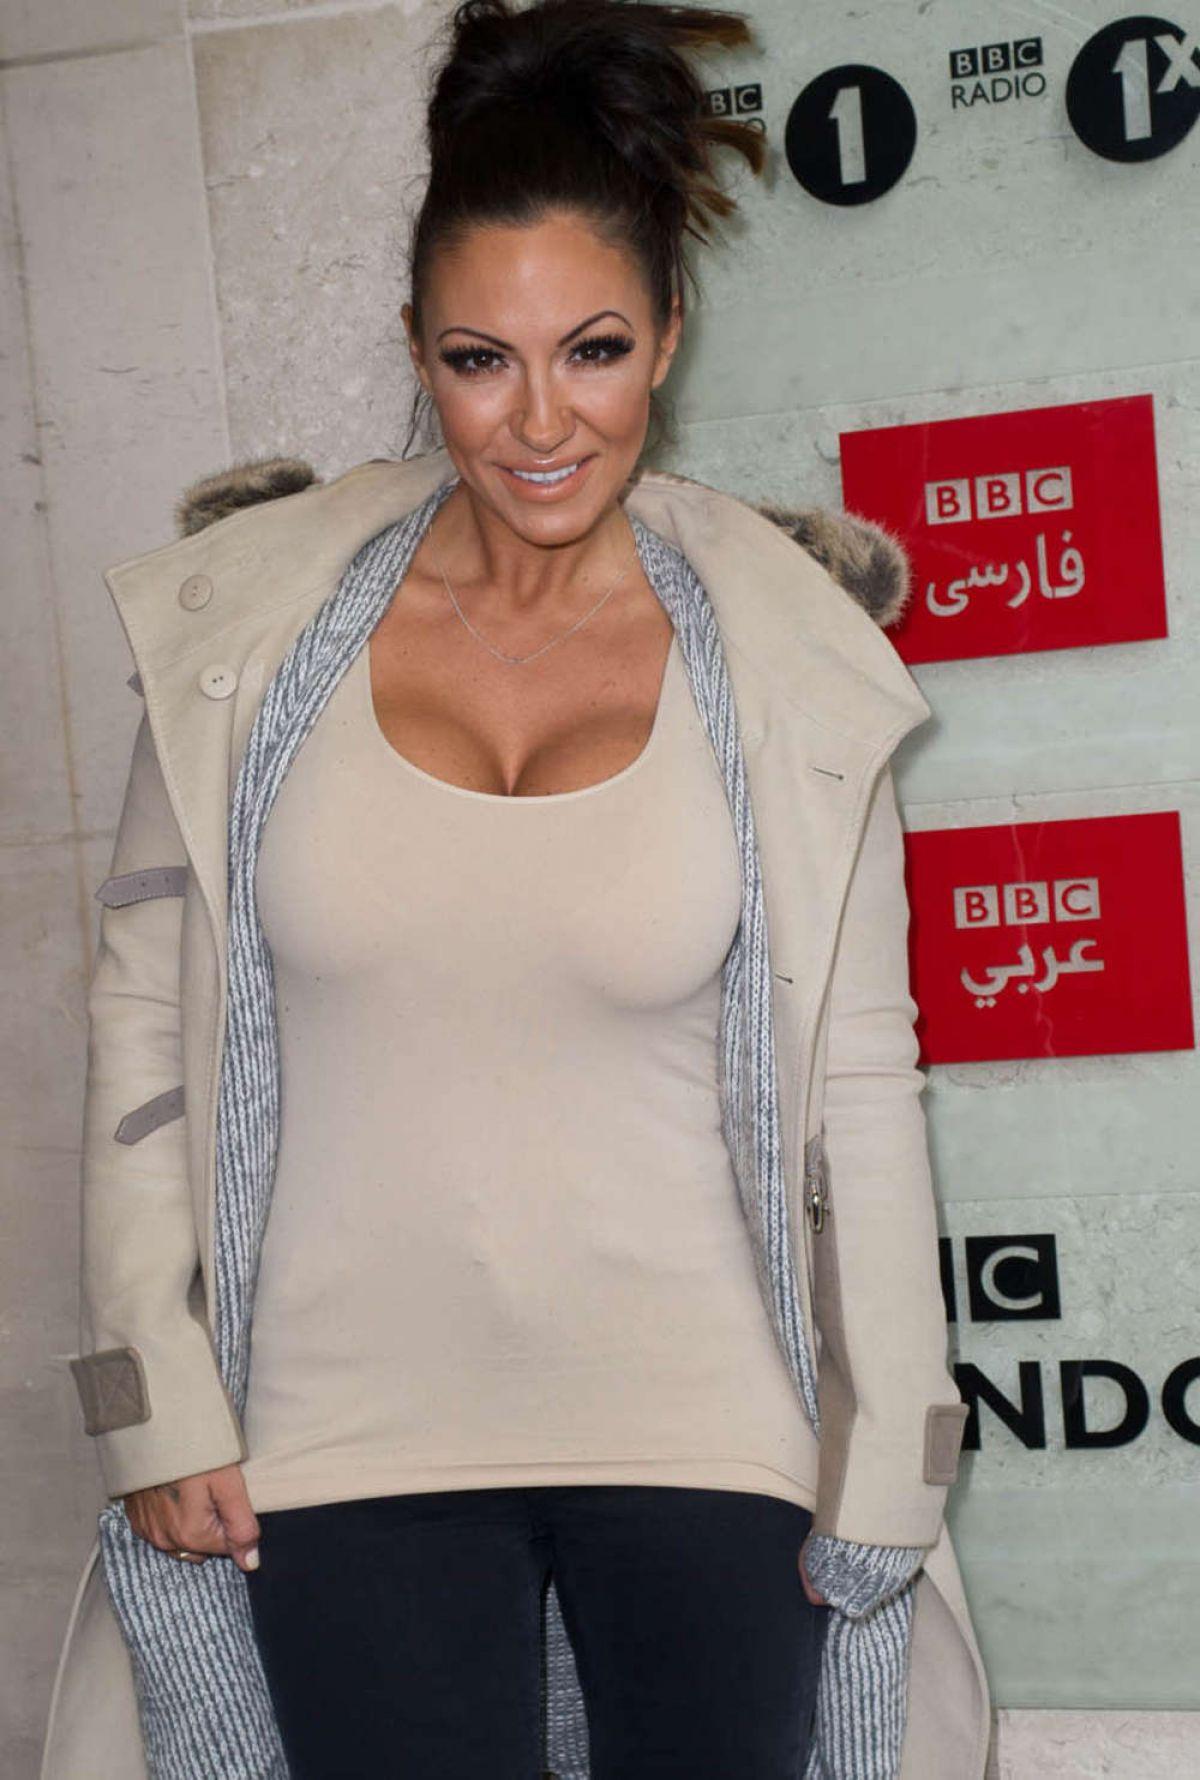 JODIE MARSH Leaves BBC Studios in London